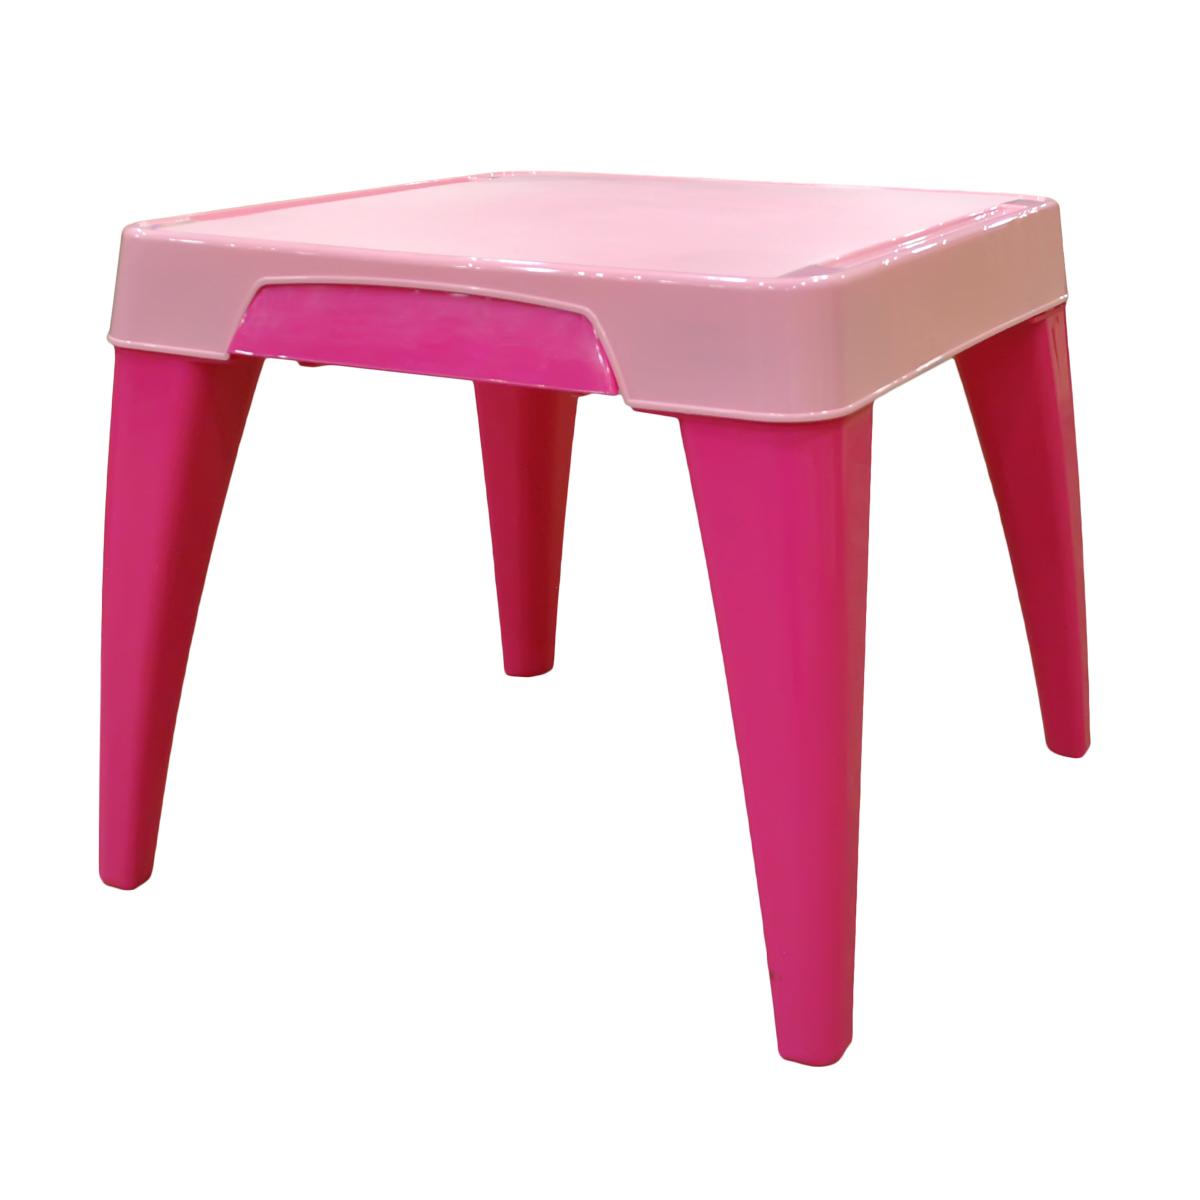 Стол детский Little Angel Я расту, цвет: розовыйМ 2290_ желтыйДетский стол от Little Angel – Ваш верный спутник в организации комфорта для малыша. Оптимальные пропорции и продуманная с учетом всех потребностей ребенка конструкция, делают стол идеальным для обучения, игр и приема пищи. Закругленные углы столешницы и ножек для безопасности малыша. Выдвижной ящик для хранения важных мелочей. Углубления по краям столешницы для карандашей, ручек и кисточек. Нескользящая поверхность стола для комфортных игр и обучения. Противоскользящие накладки на ножках для использования на любой поверхности. Особо прочная конструкция ножек стола для надежной и безопасной эксплуатации.